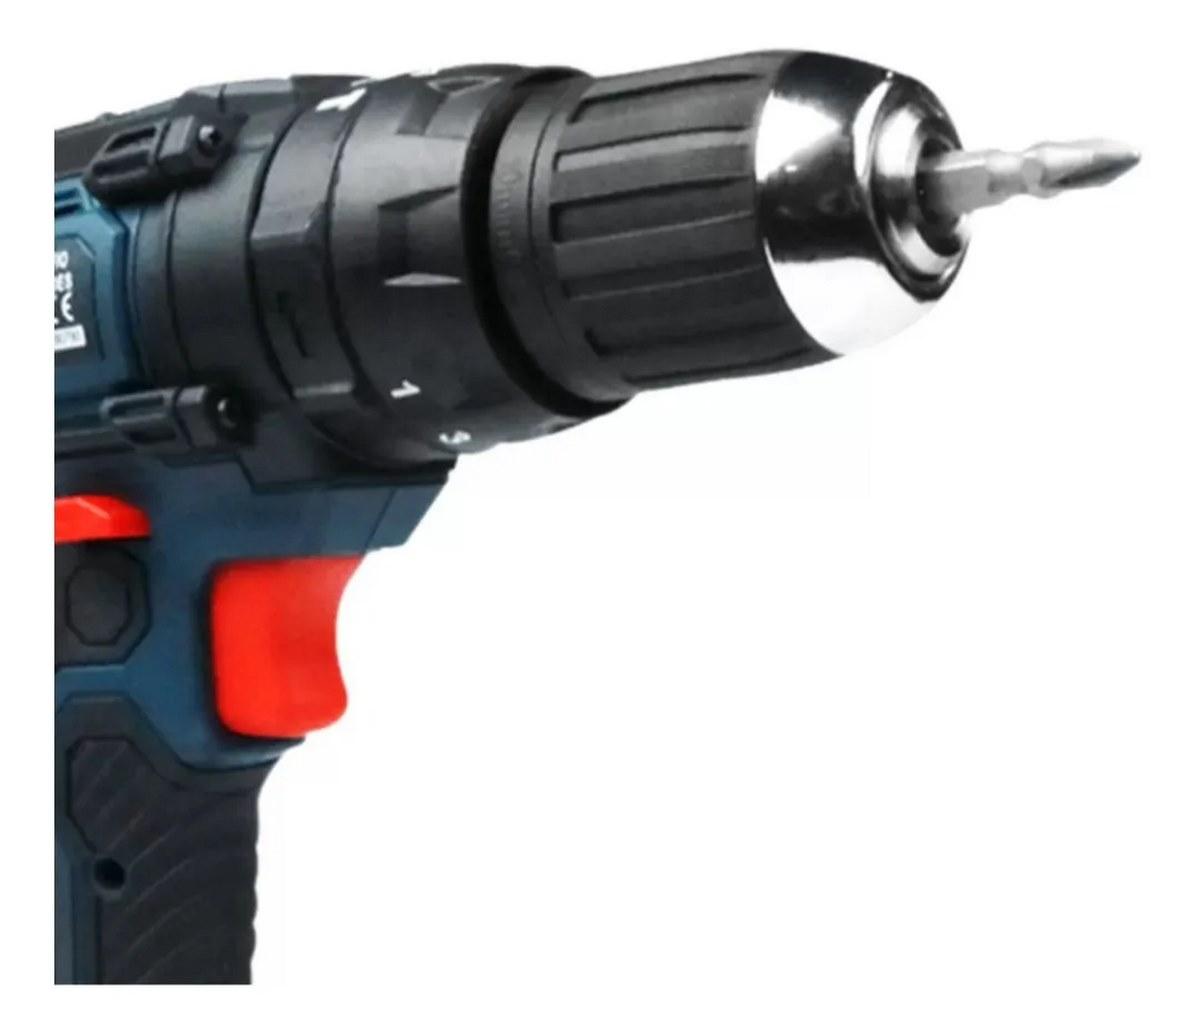 Parafusadeira furadeira 24v Impacto+2 Baterias + Carregador